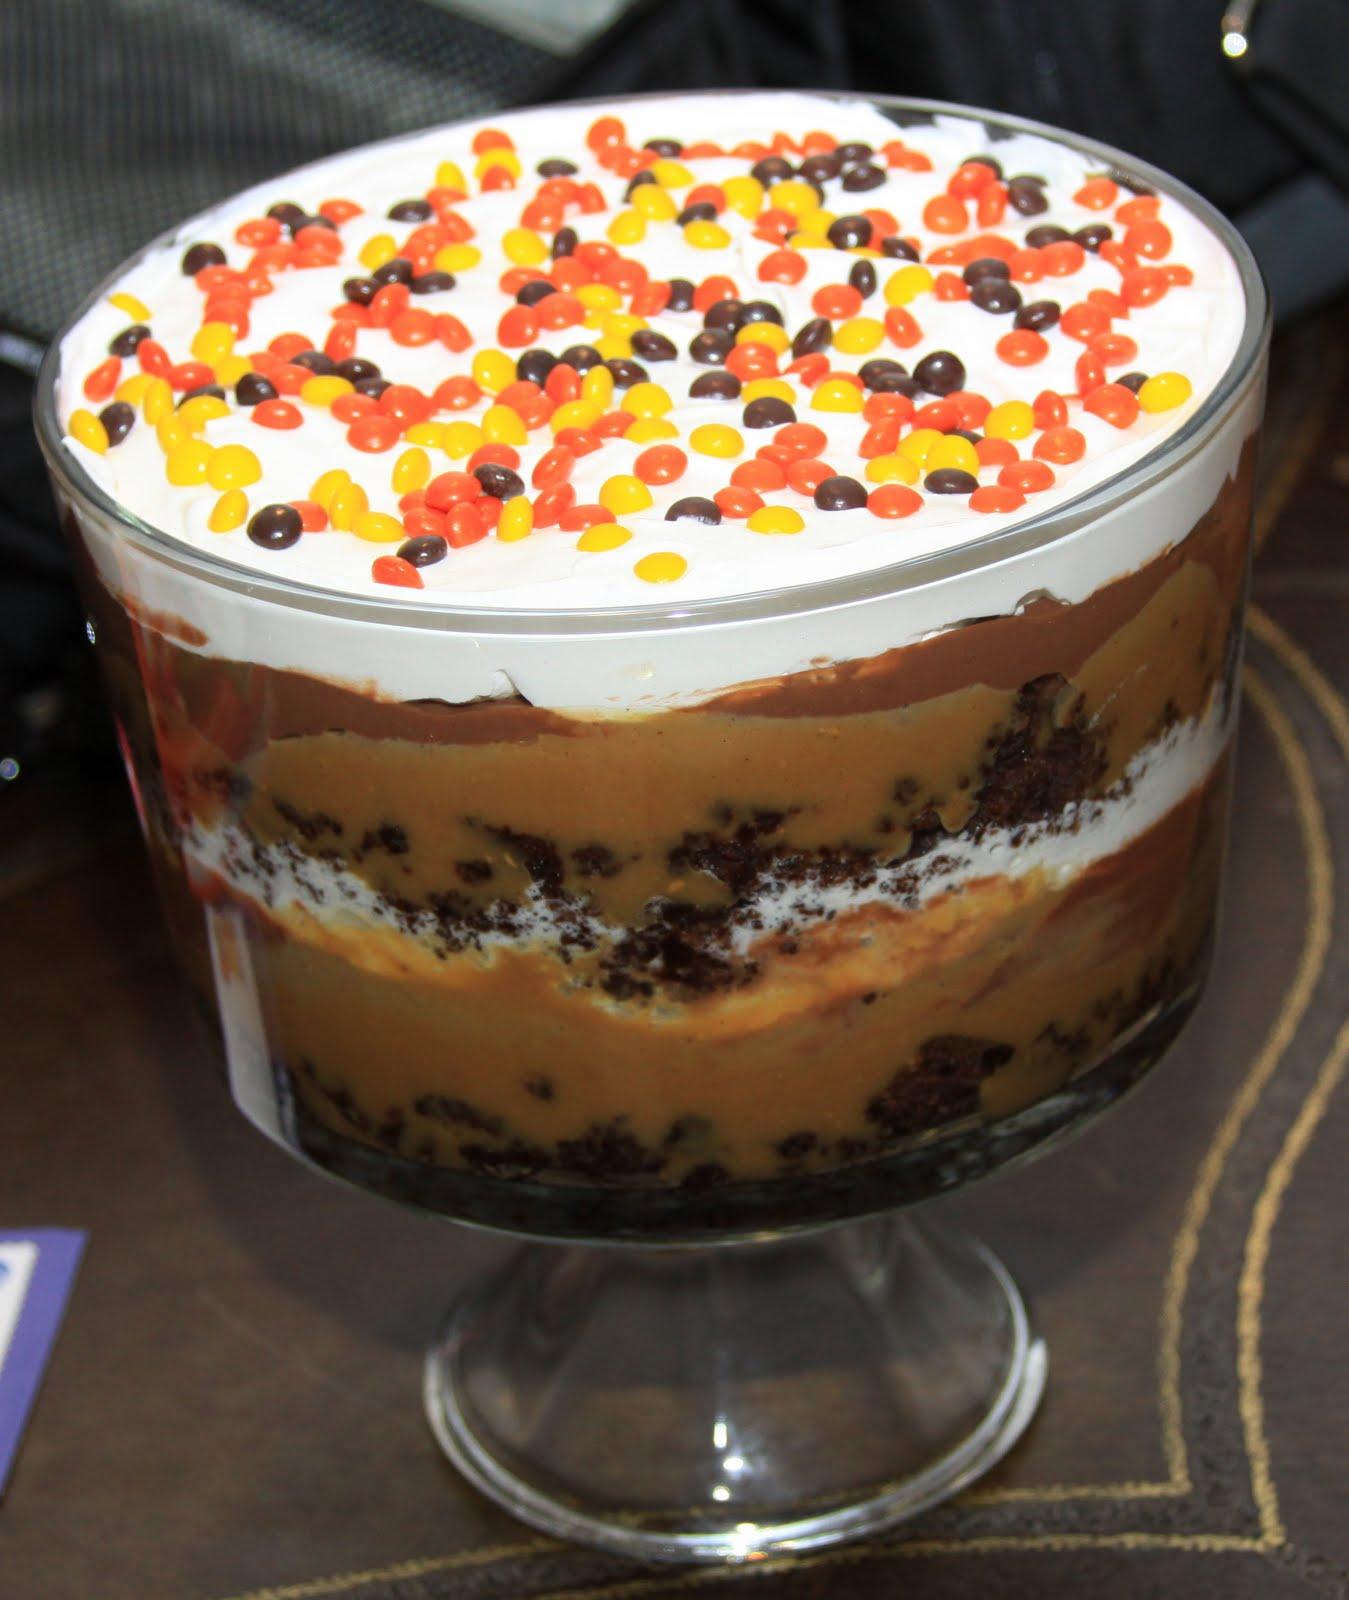 LSU Cajun Girl: Chocolate Peanut Butter Trifle